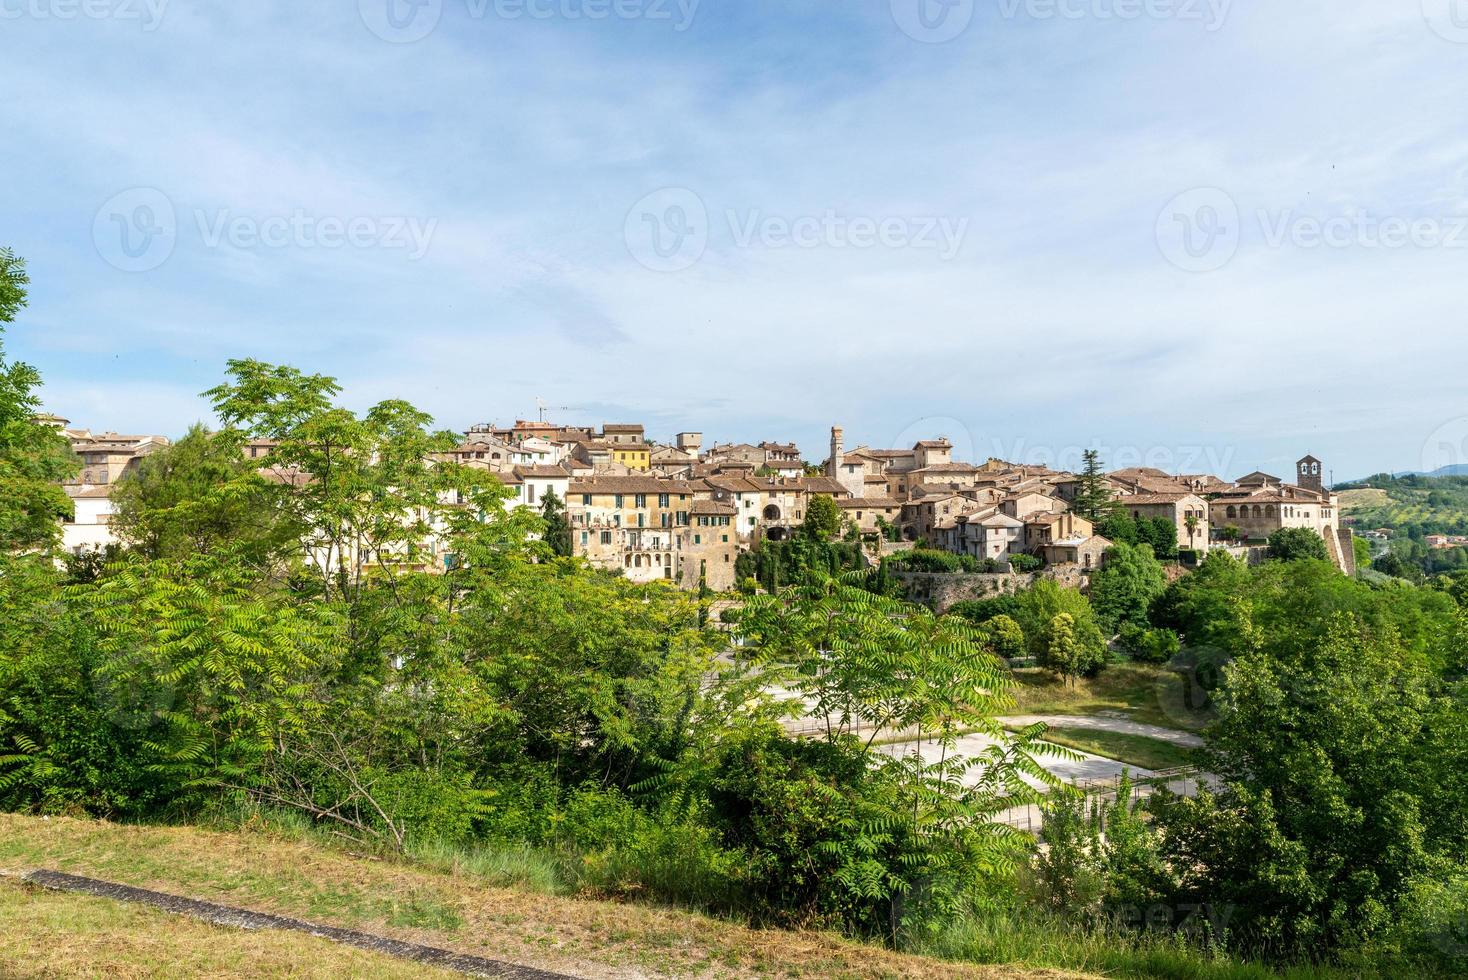 vista de san gemini, italia, 2020 foto